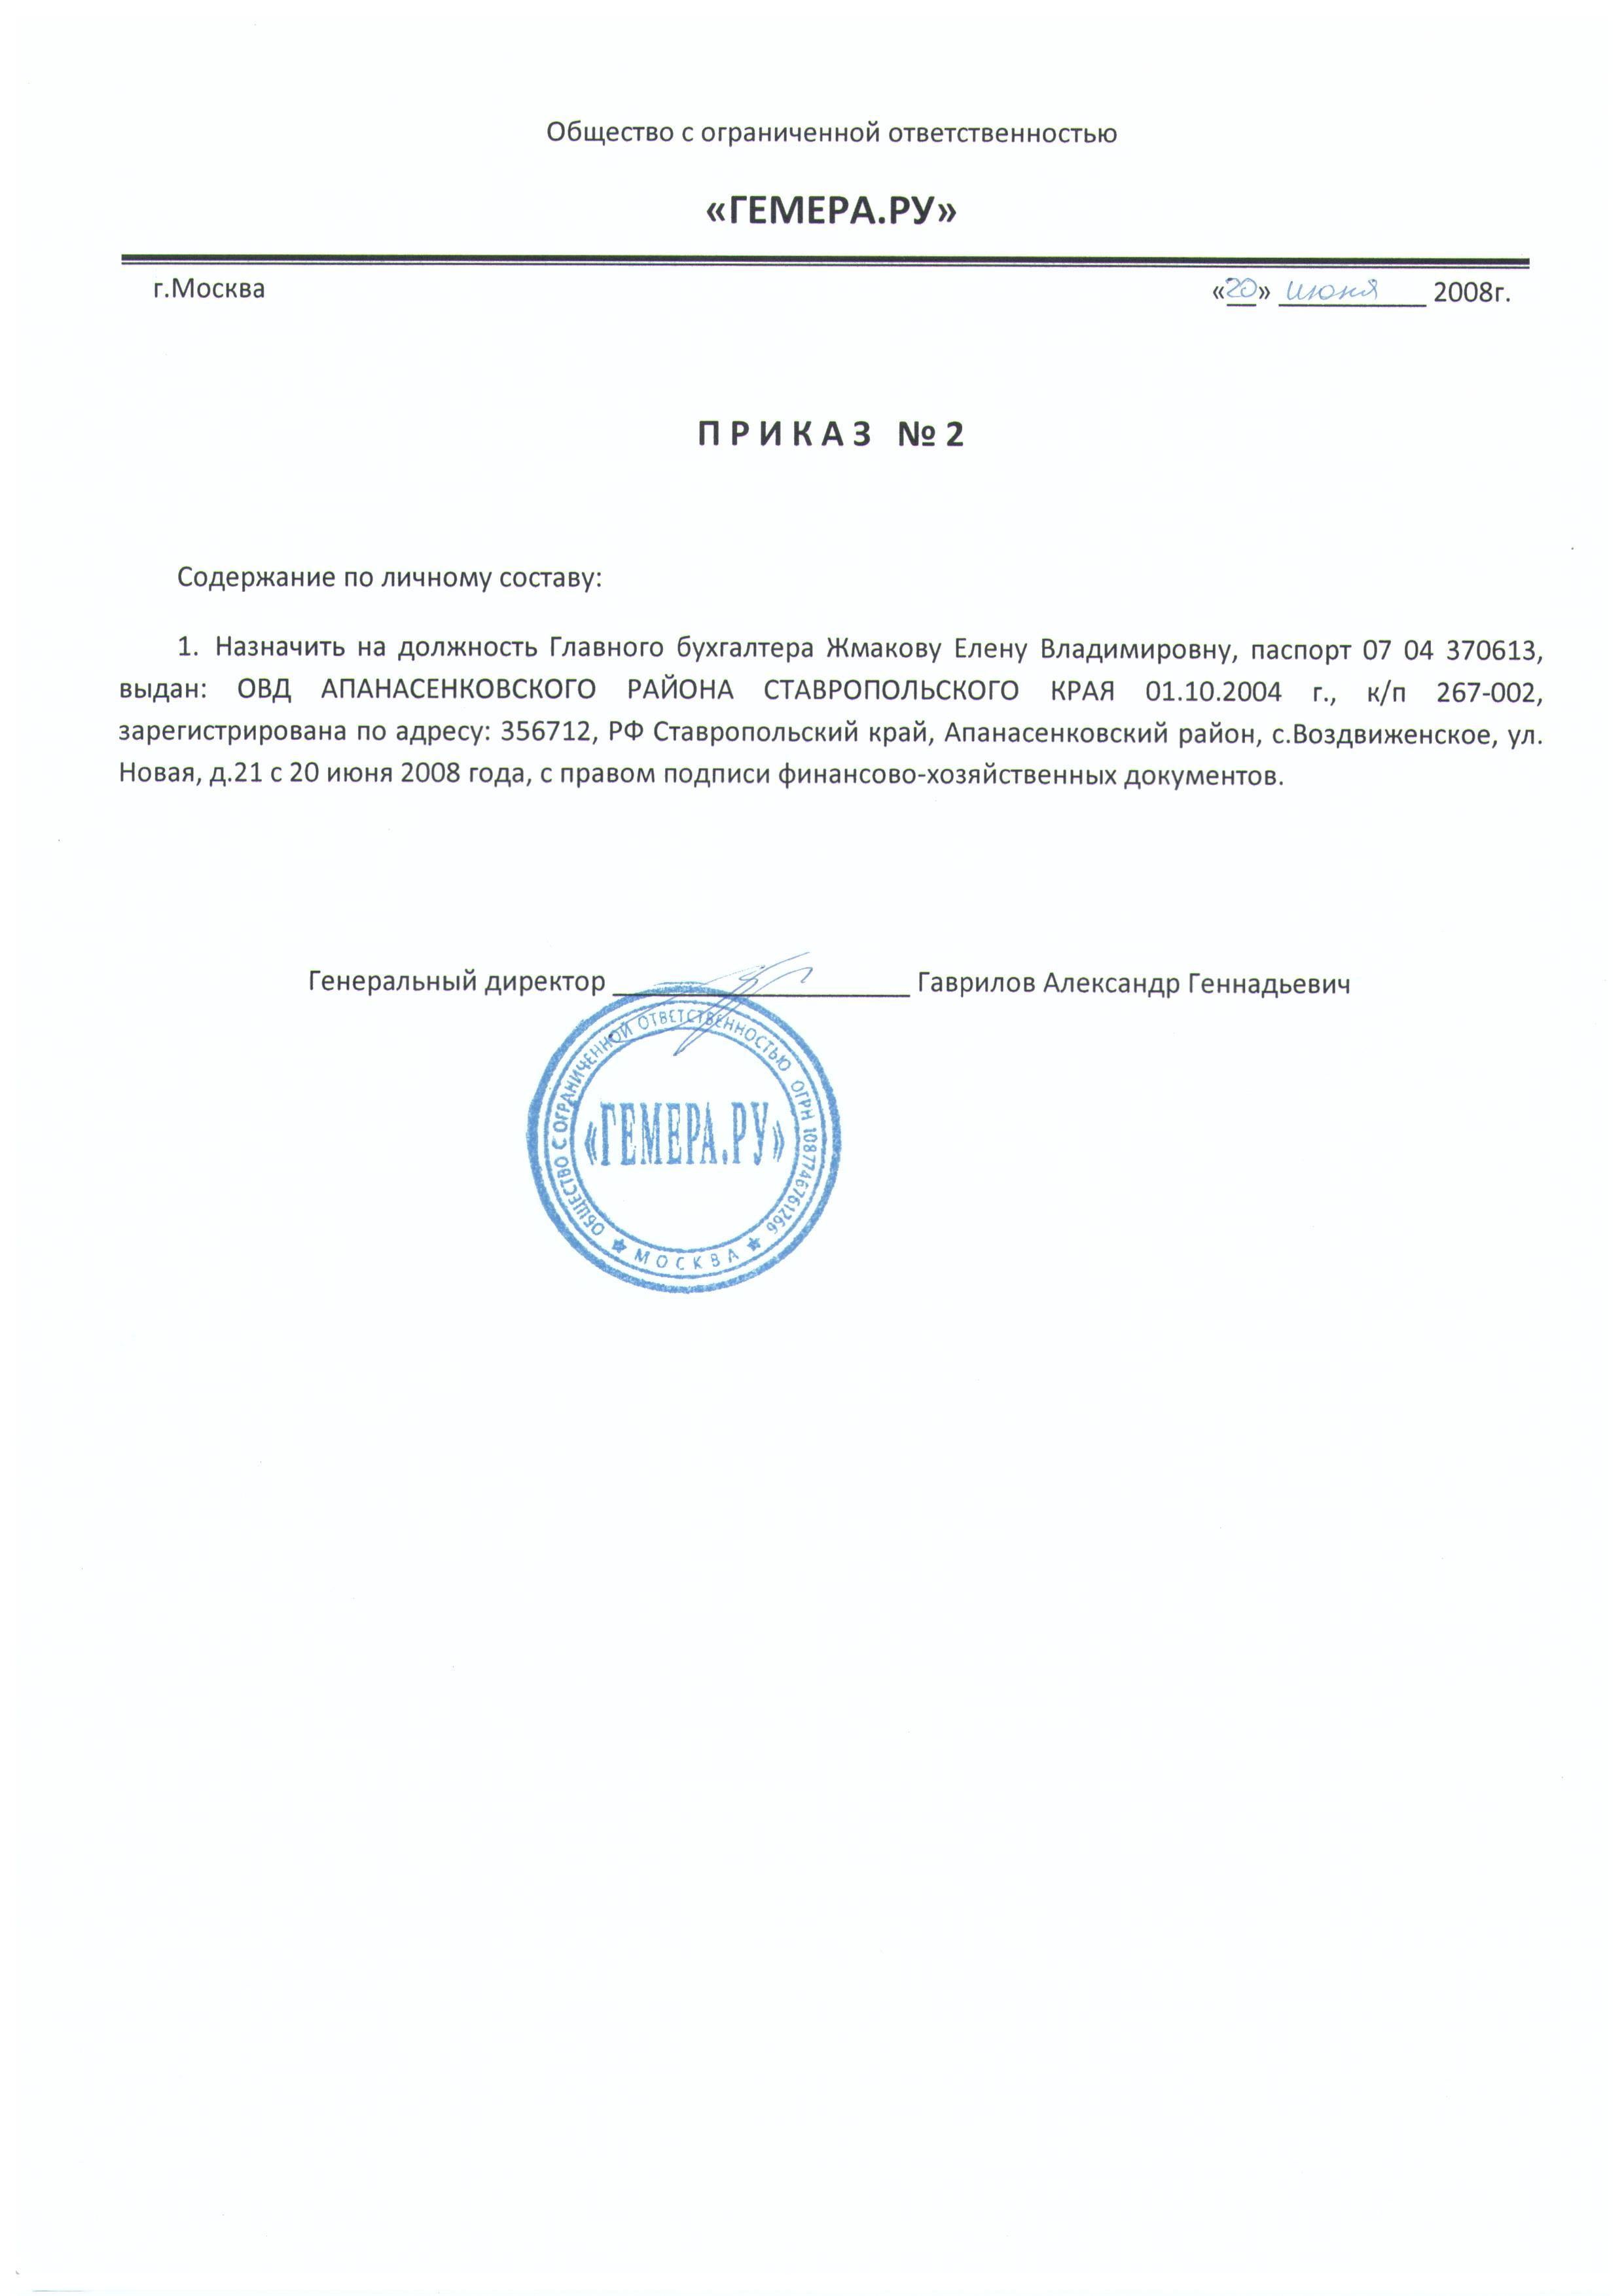 Образец приказа о назначении на должность генерального директора